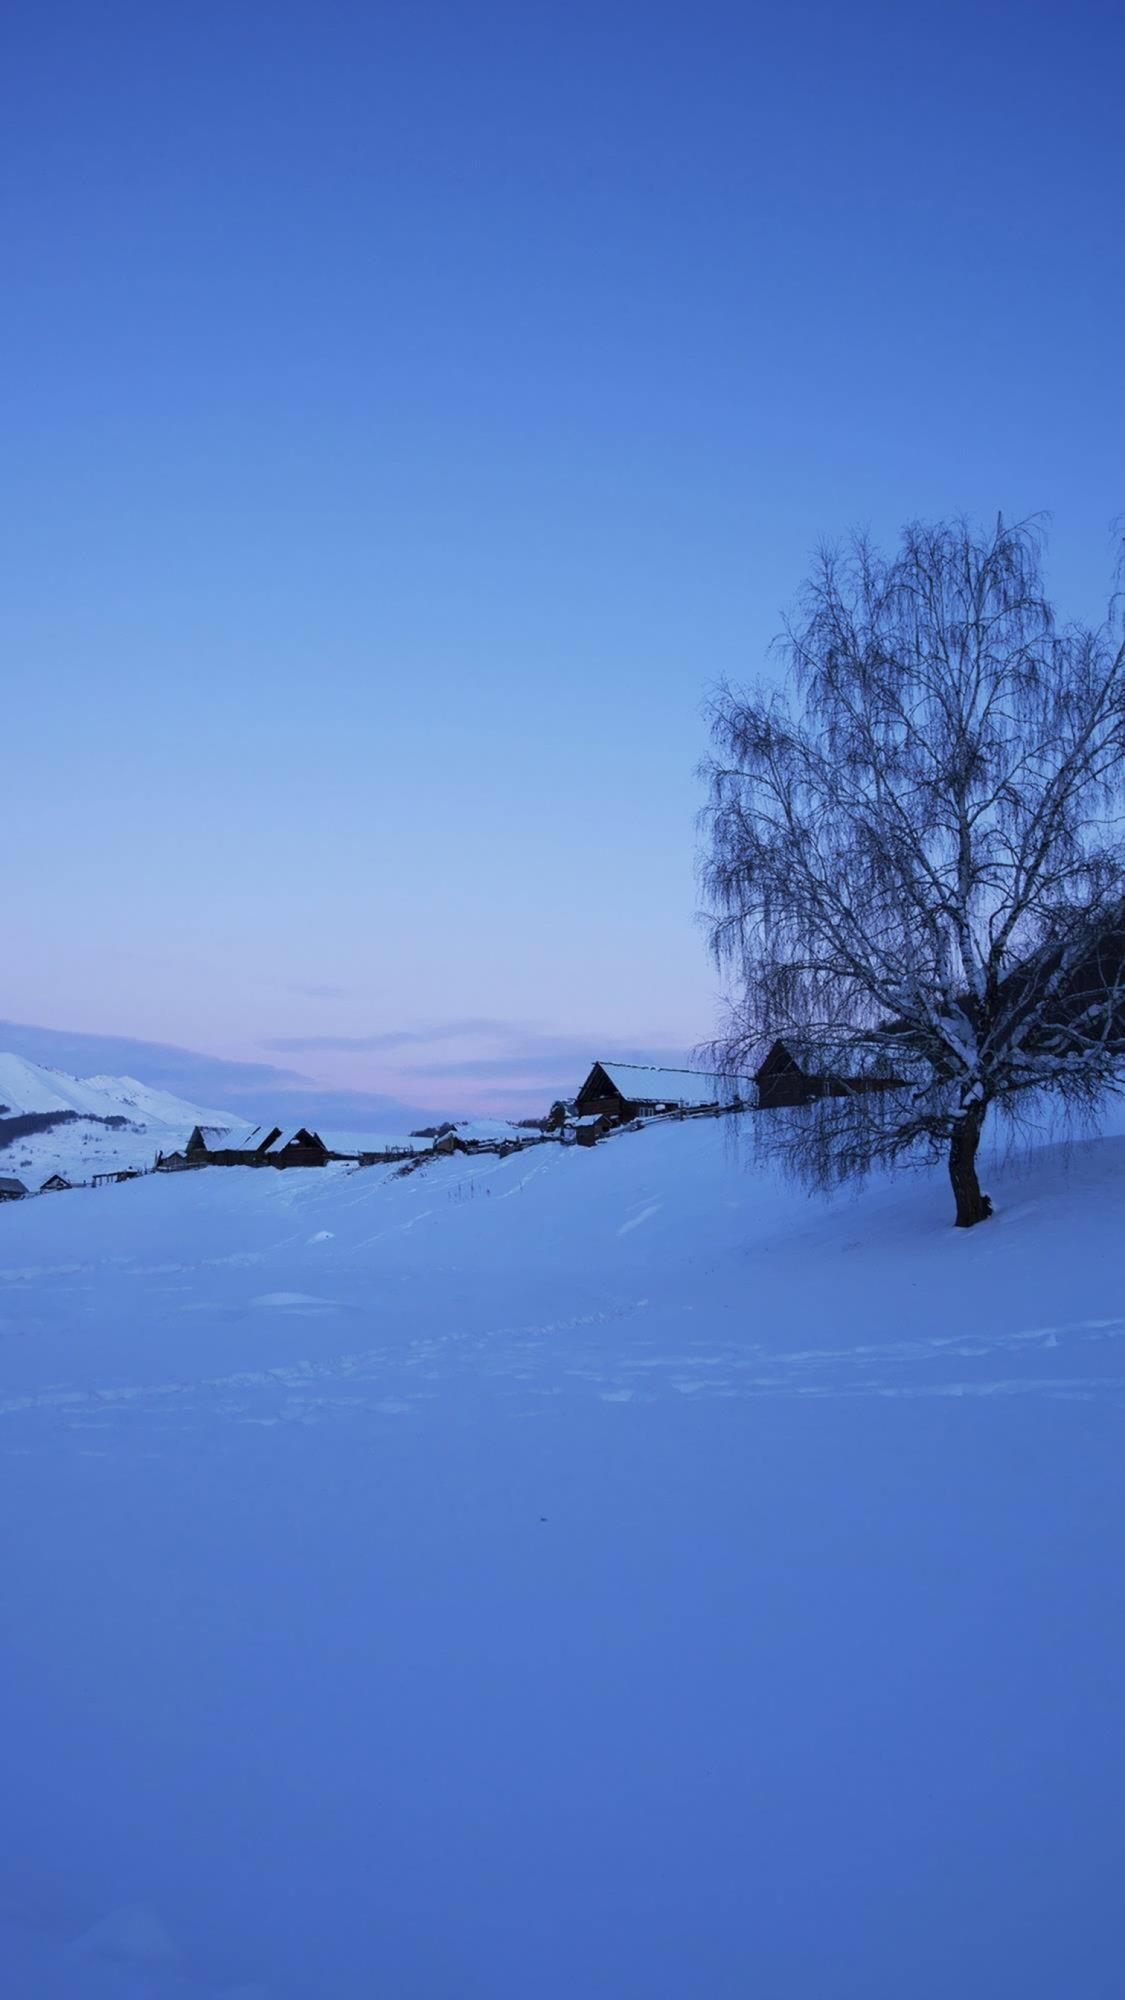 铁力士雪山风景图片三星手机壁纸下载